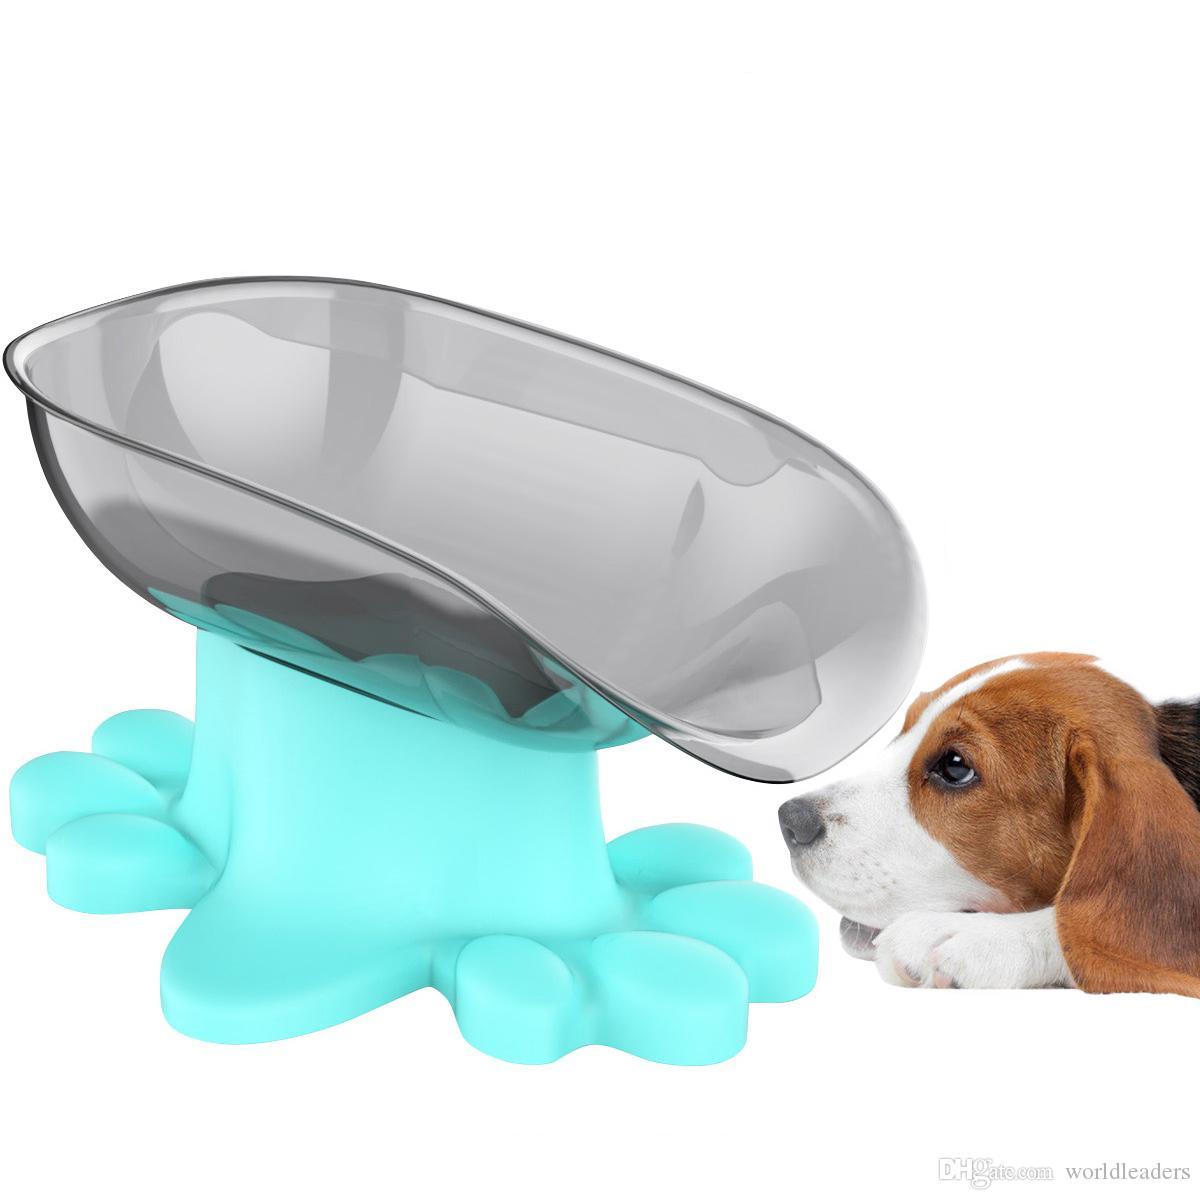 Кота собаки любимчика еда контейнер чаша бутылка воды портативный чашки путешествия открытый Фидер чаша 600мл Маленький большой собак Pet продукты